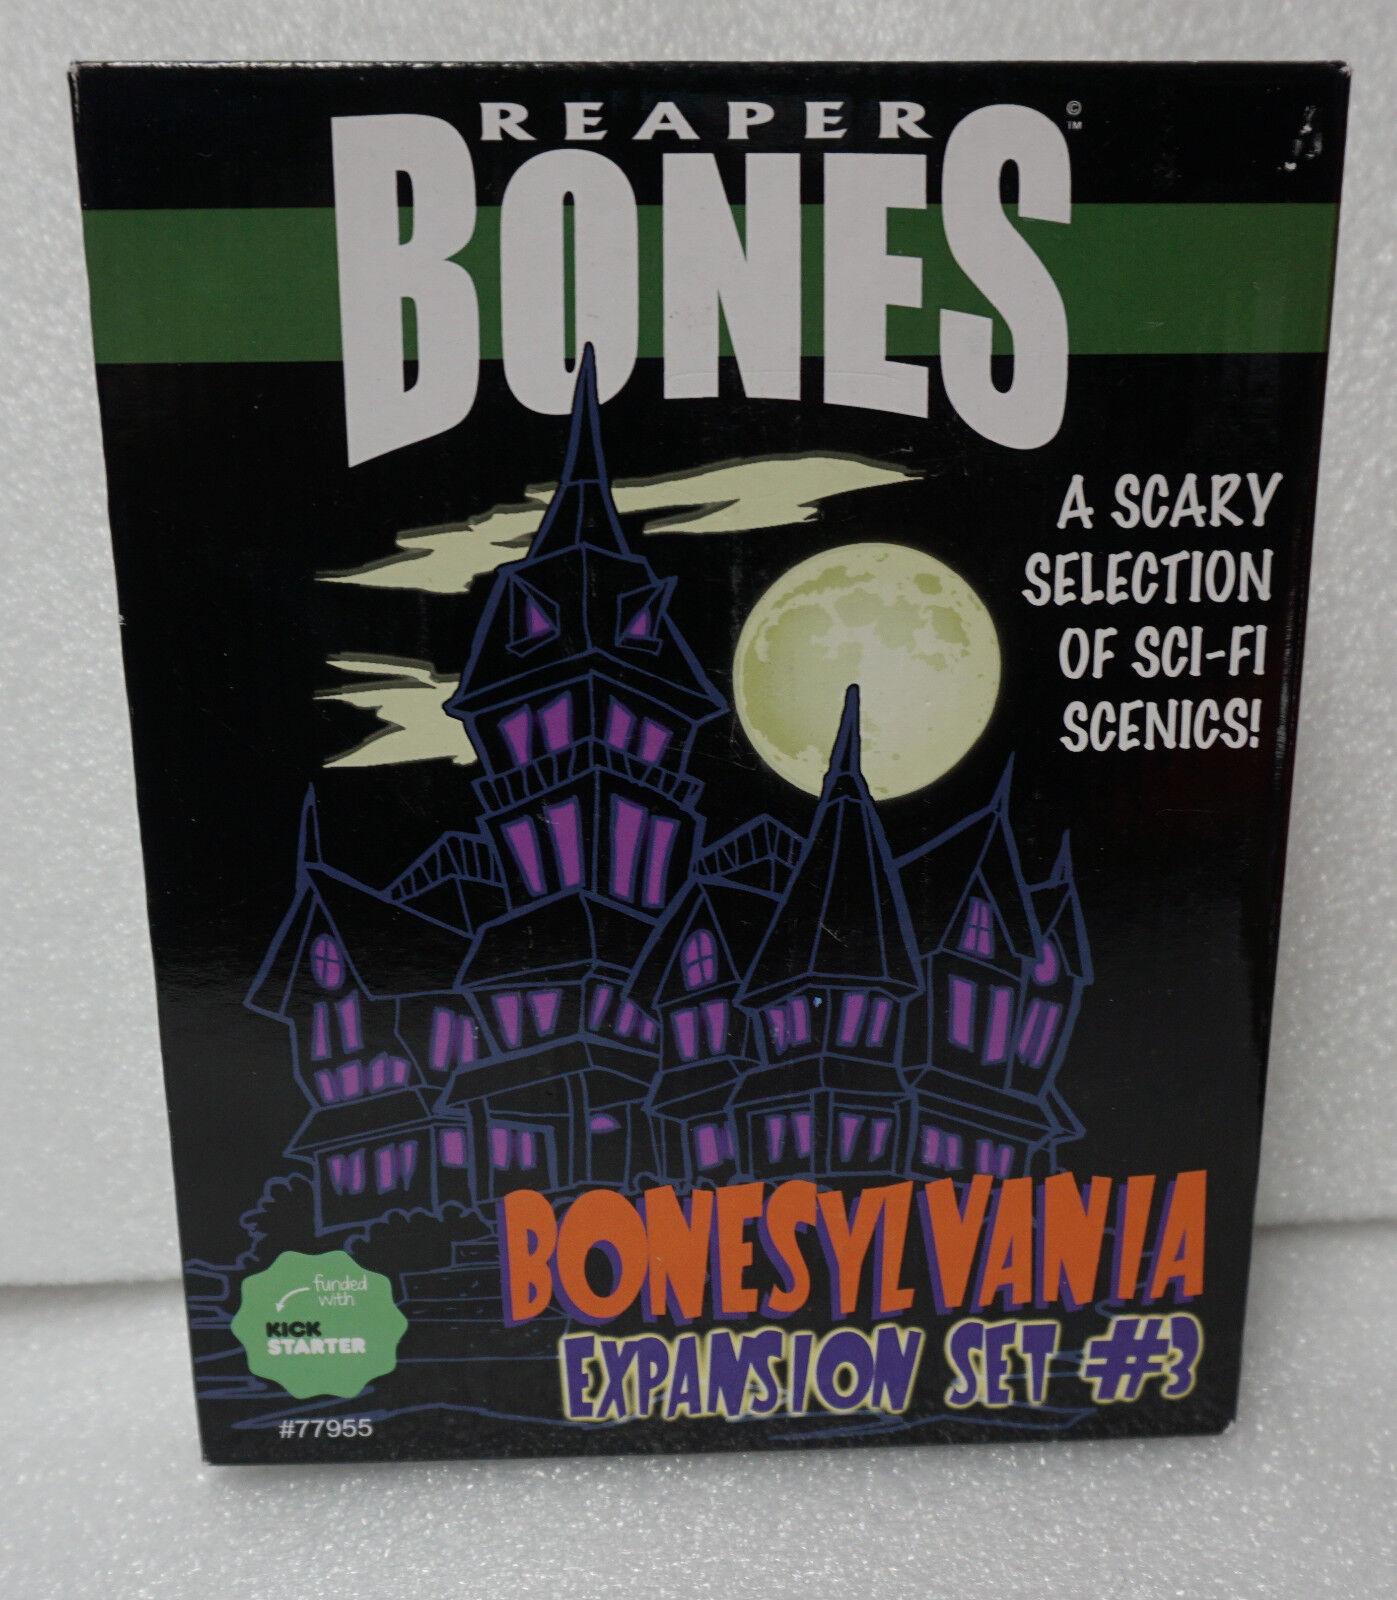 Conjunto de expansión Reaper huesos bonesylvania  3